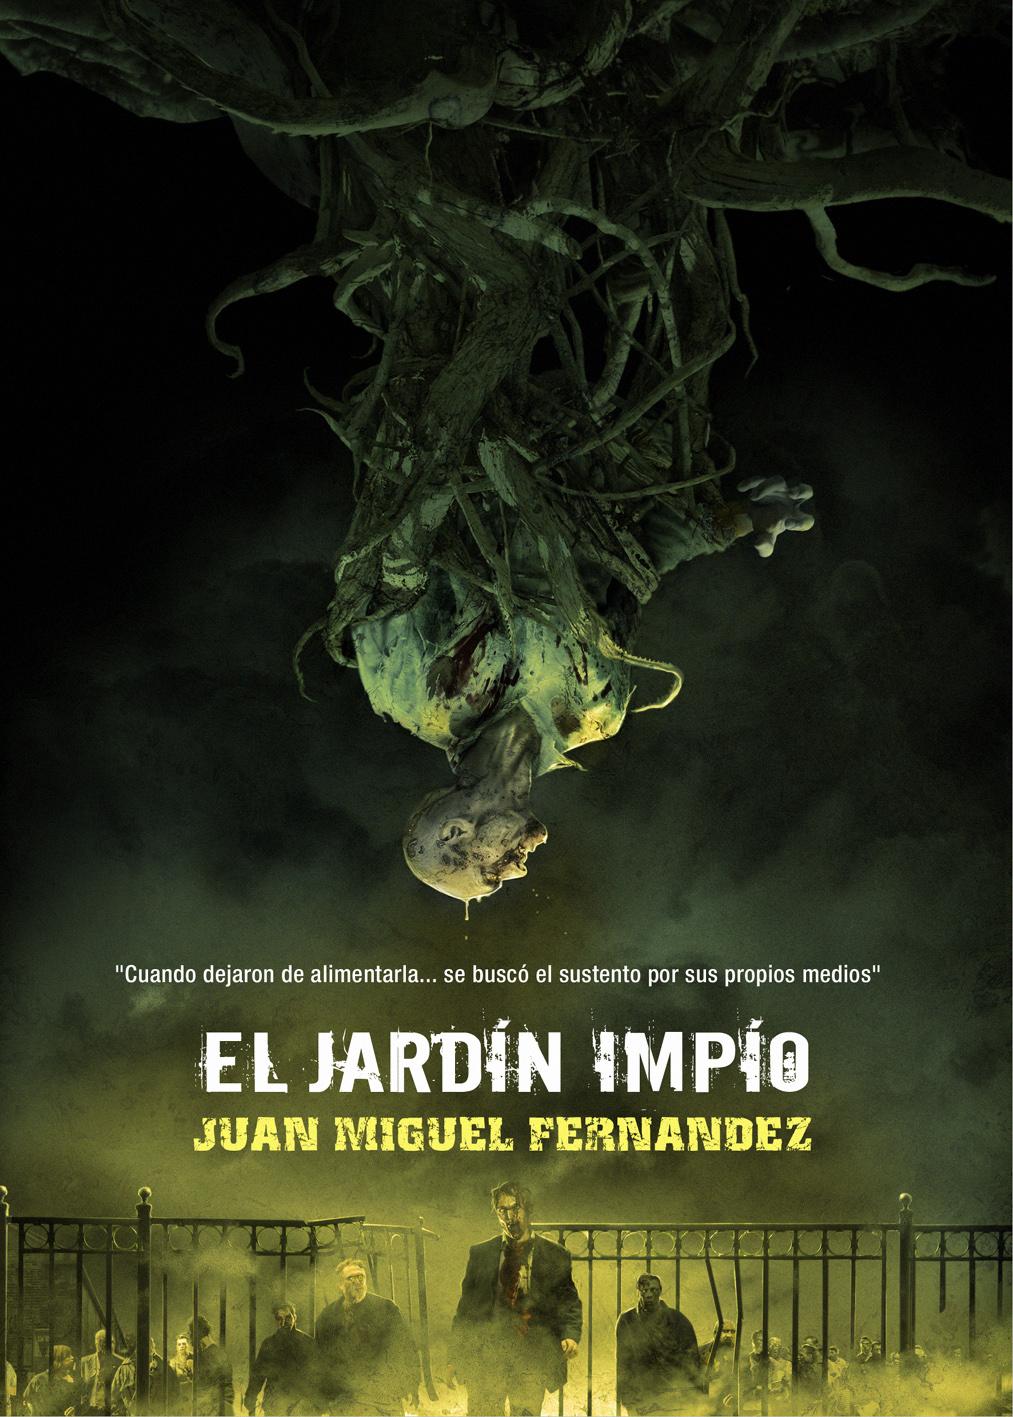 La casa deshabitada el jard n imp o de juan miguel fern ndez for Alejandro fernandez en el jardin mp3